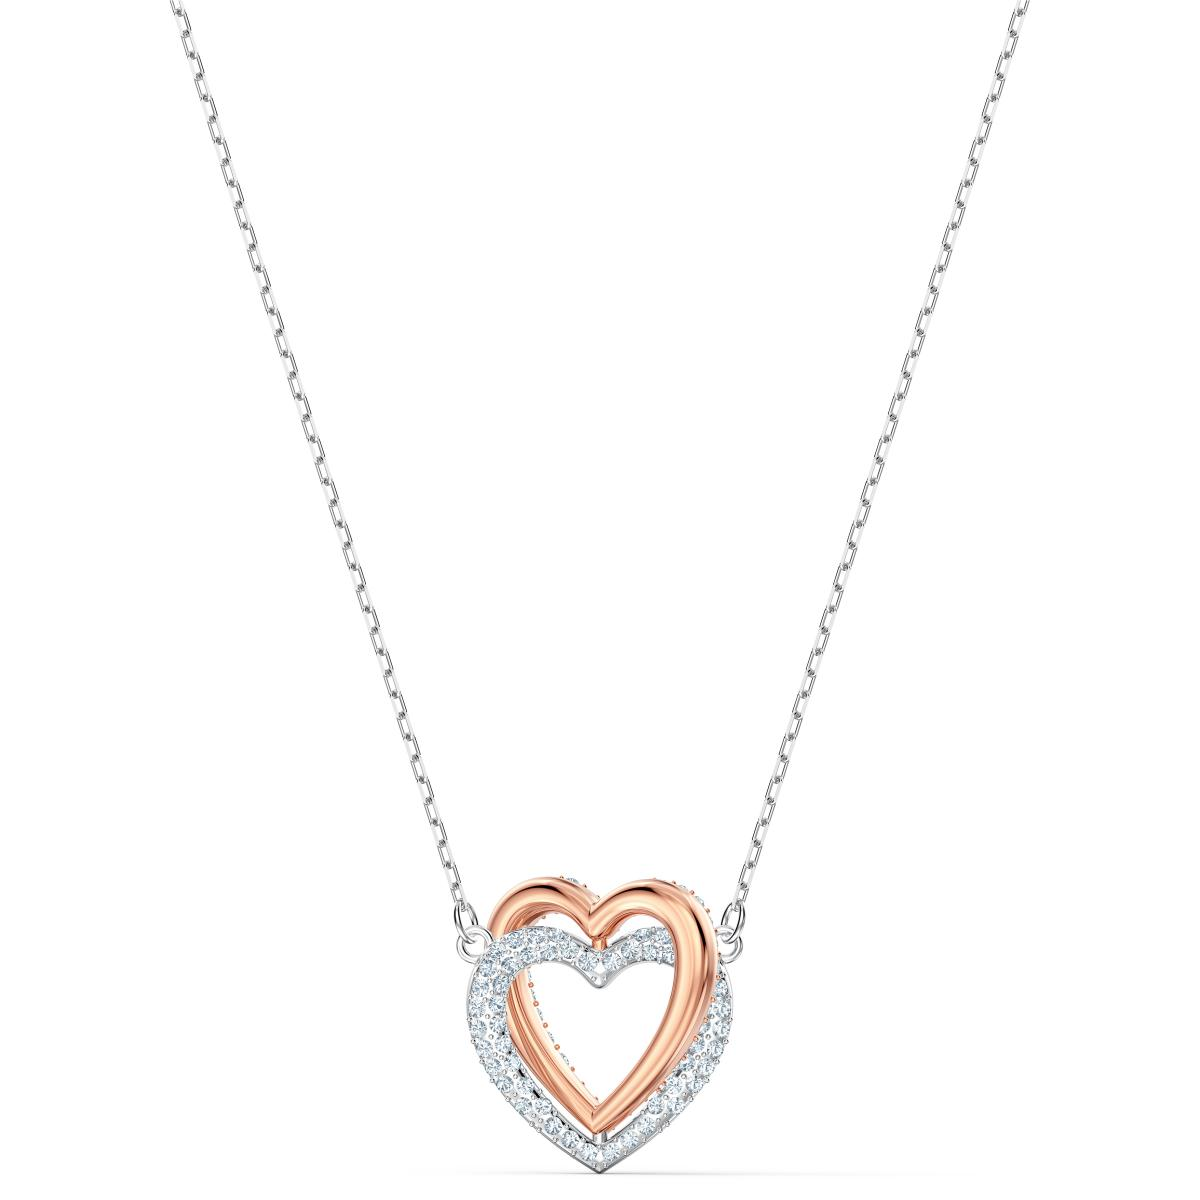 Collier Swarovski 5518868 - Collier Argenté et doré cœur Femme